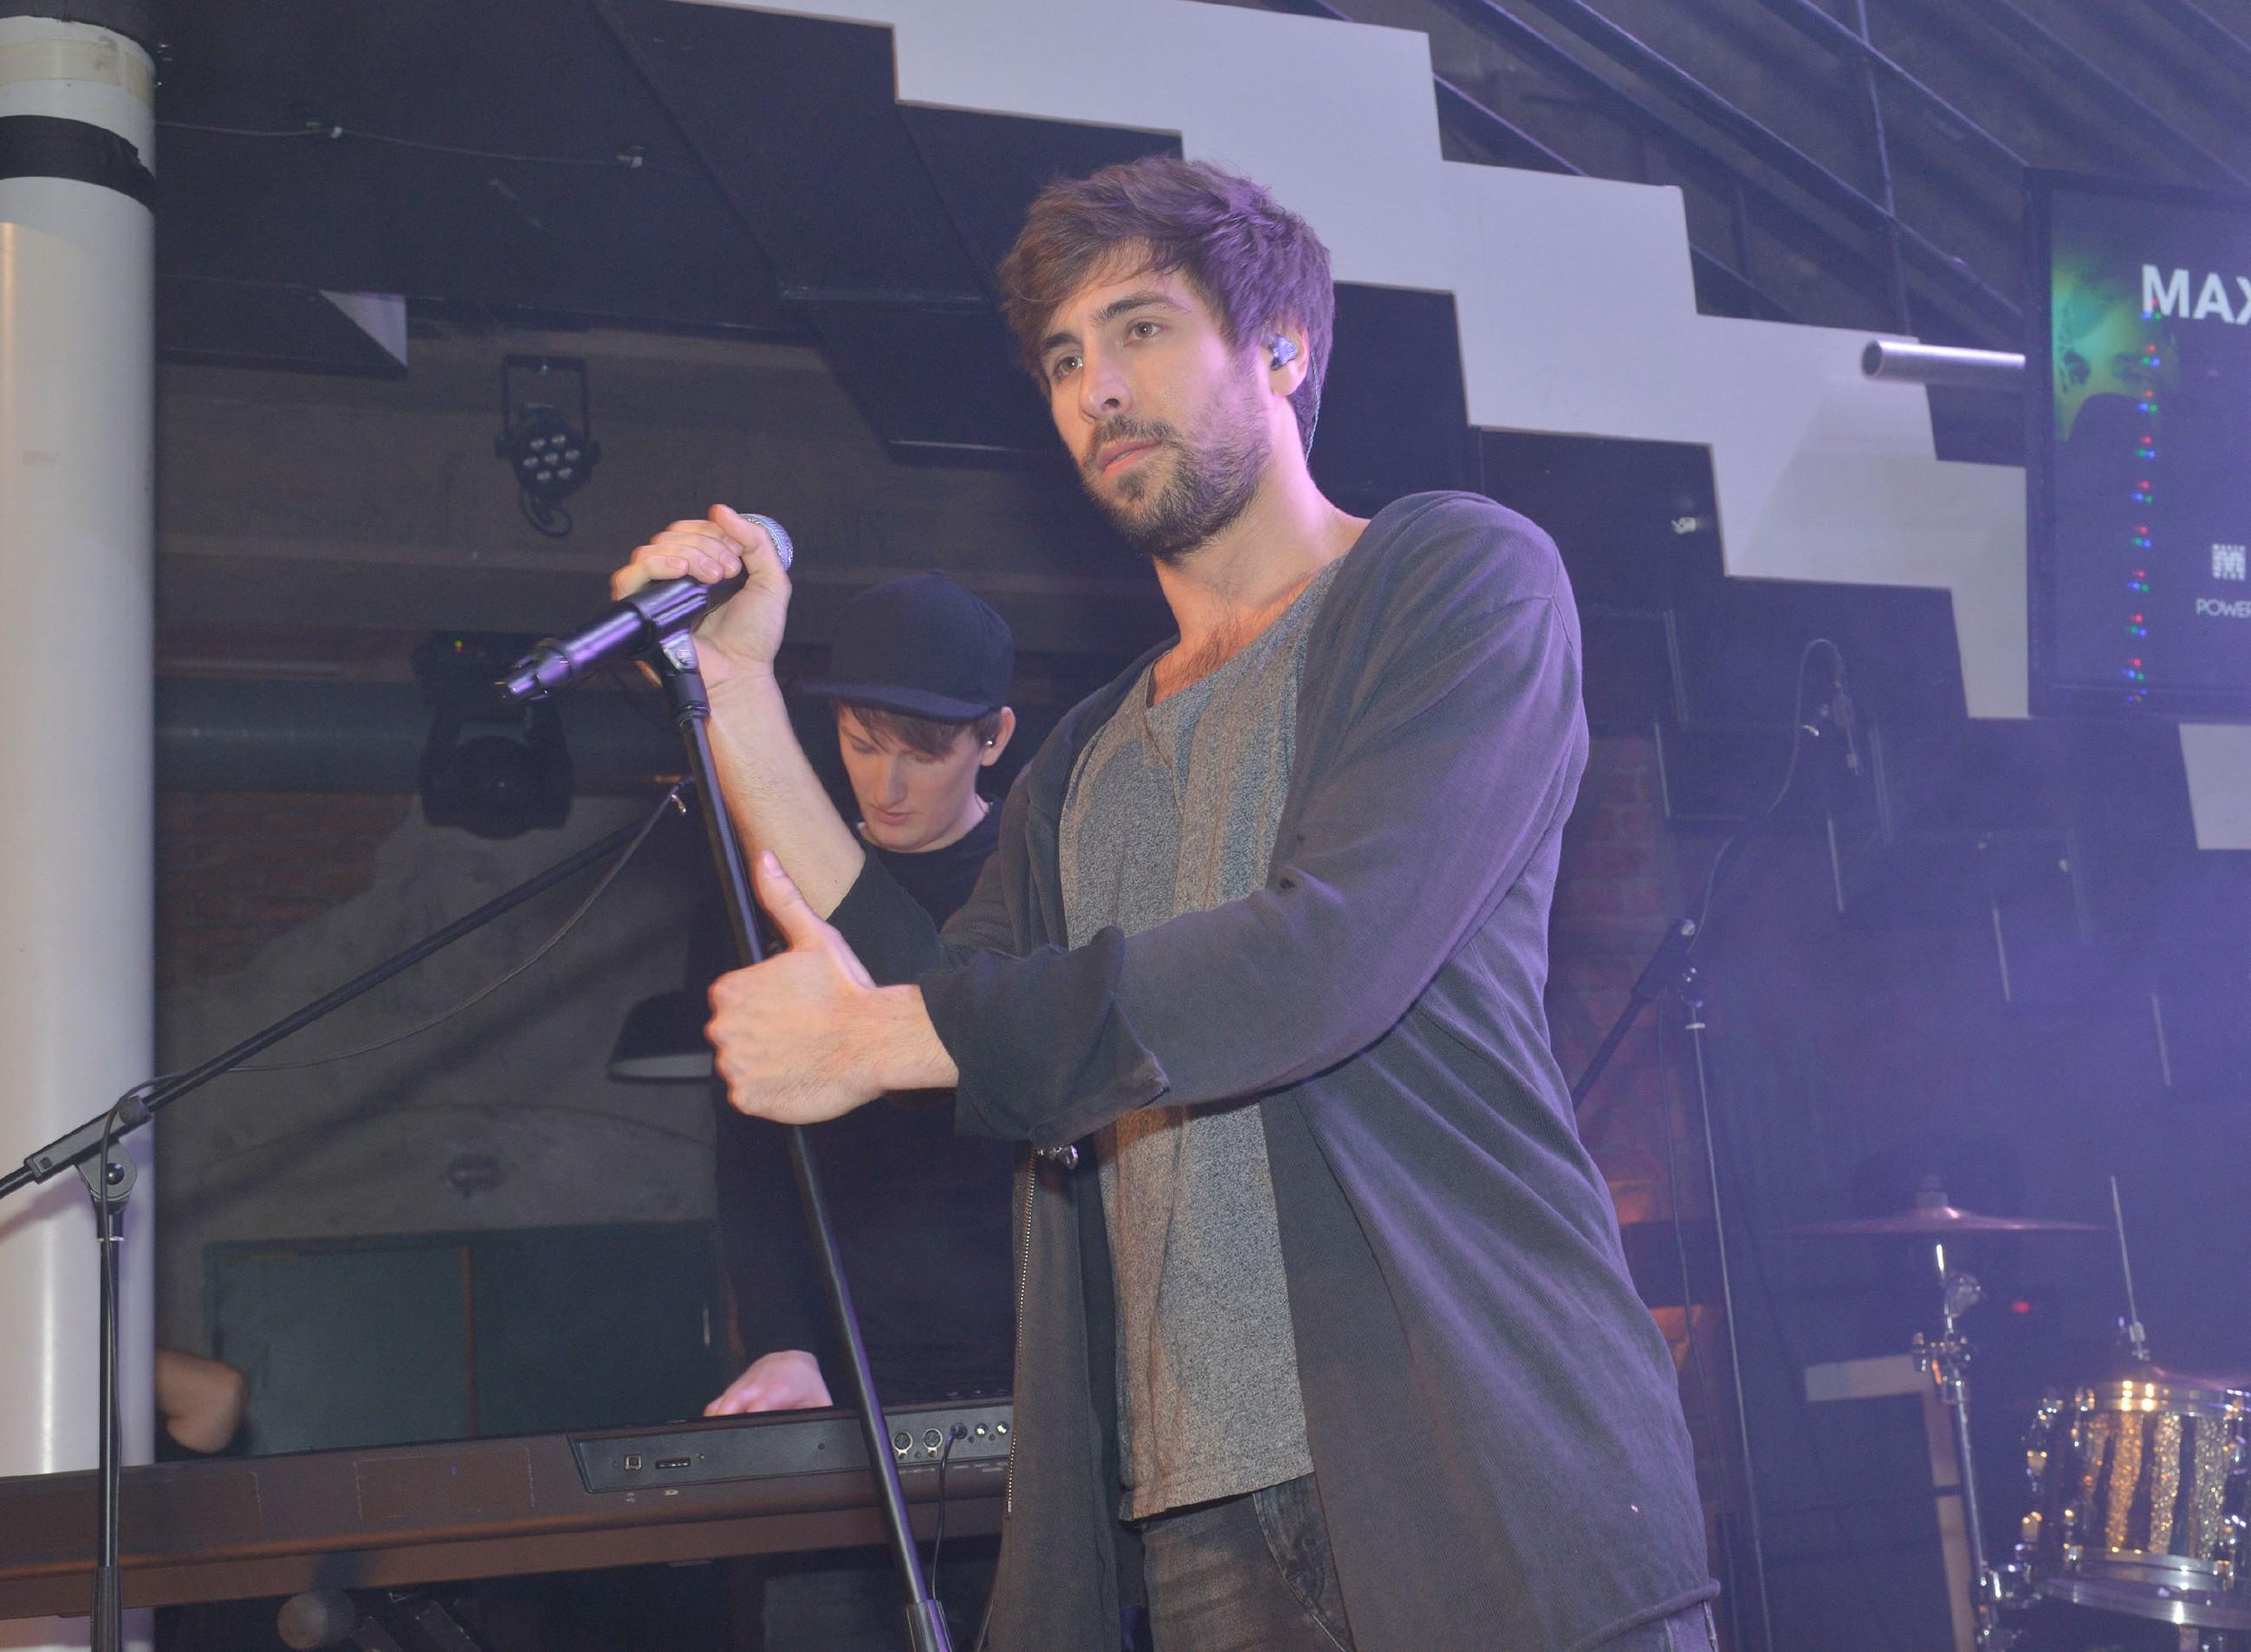 Der Sänger und Songwriter Max Giesinger gibt ein Konzert im Mauerwerk. (Quelle: RTL / Rolf Baumgartner)